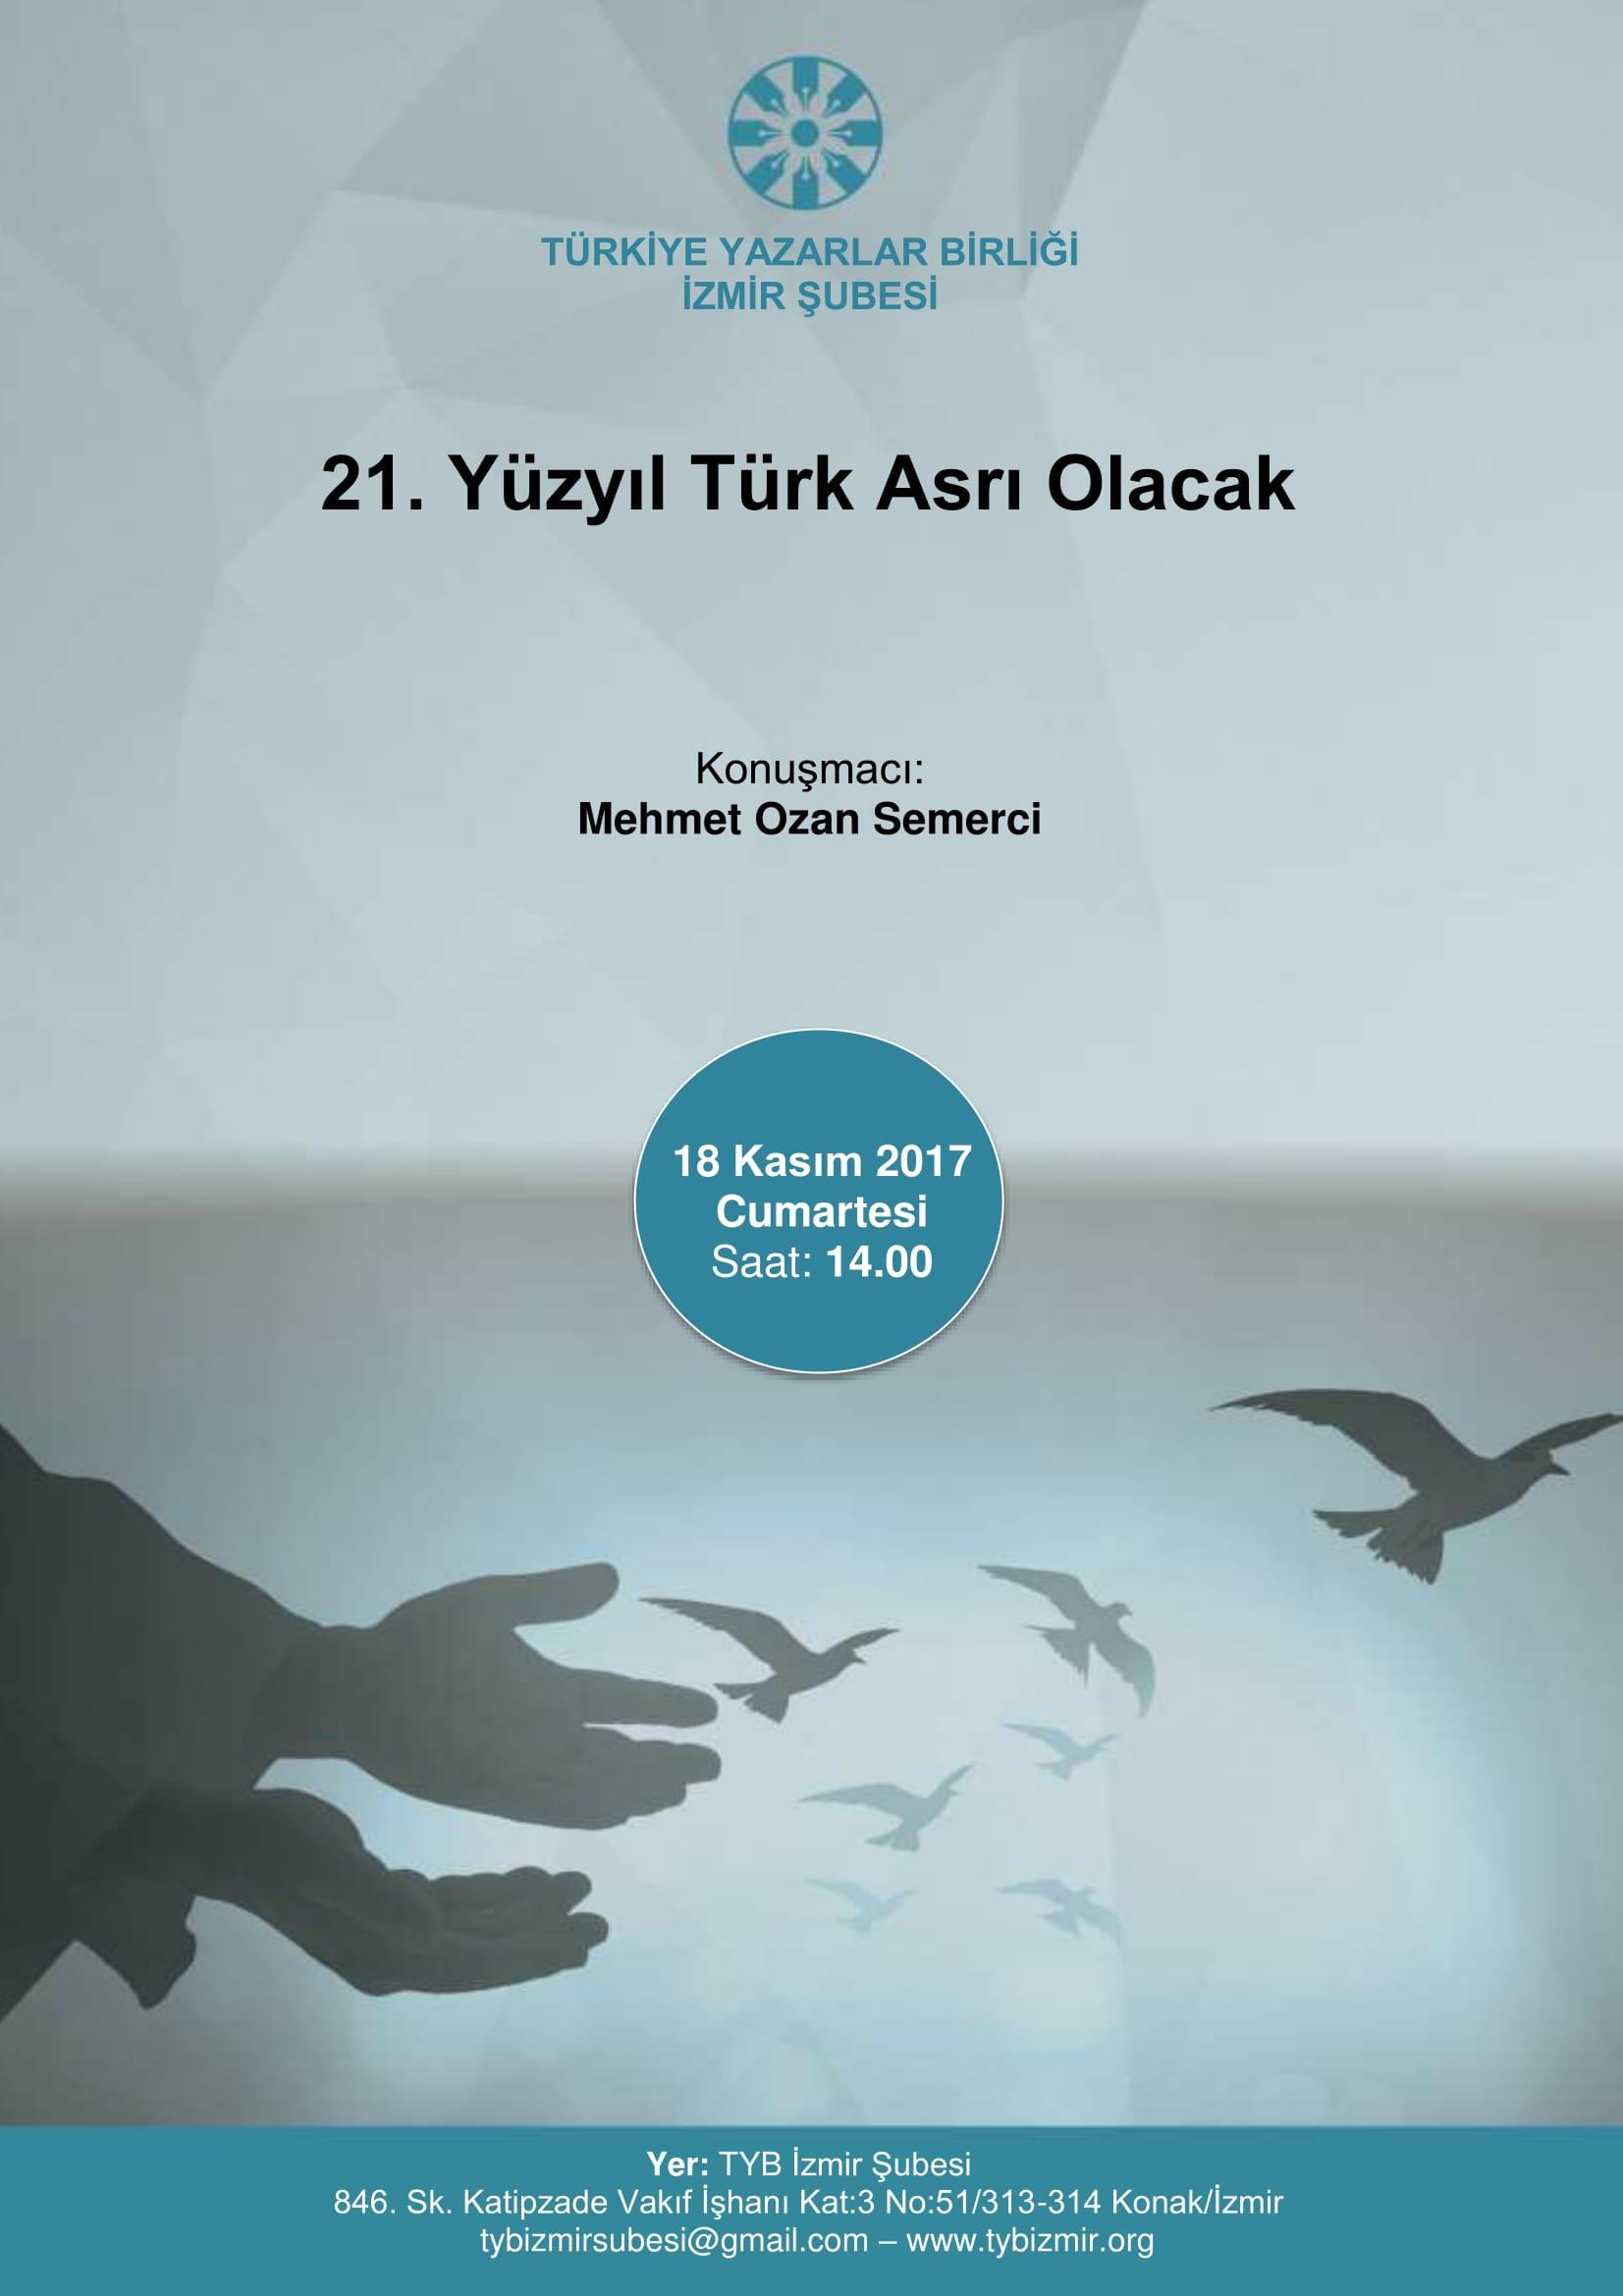 21. Yüzyıl Türk Asrı Olacak